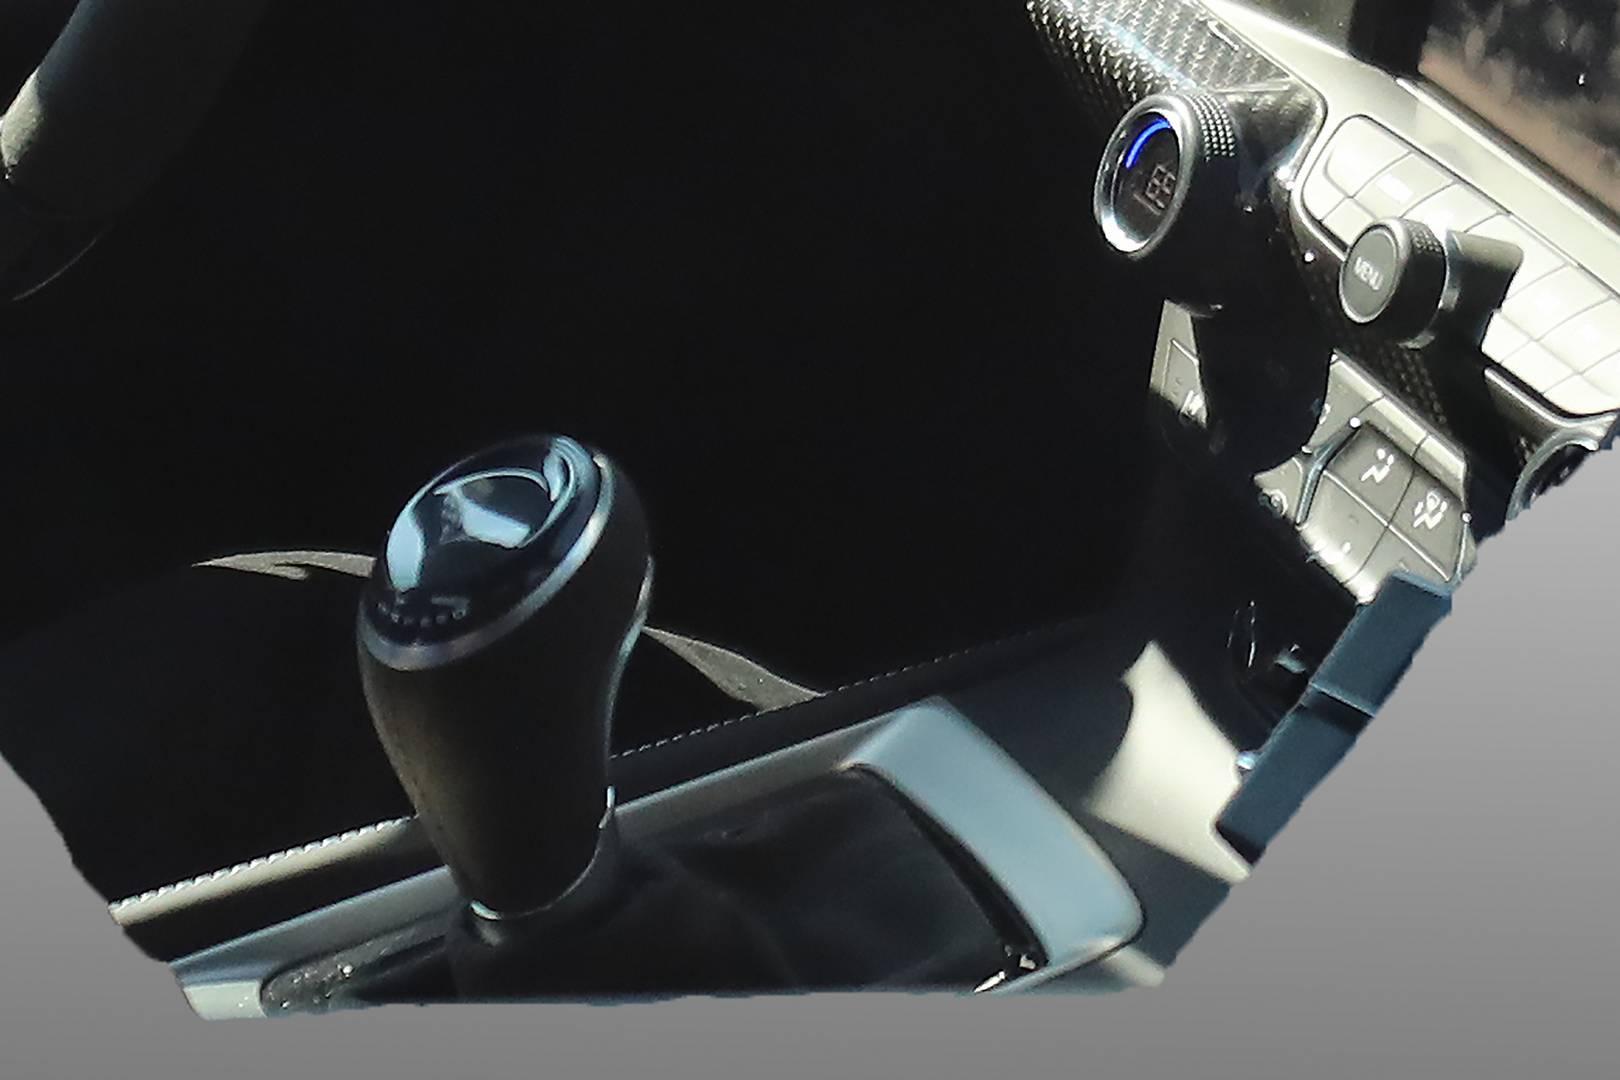 Шпионские снимки были сделаны на тестировании Corvette ZR1 Convertible в США.